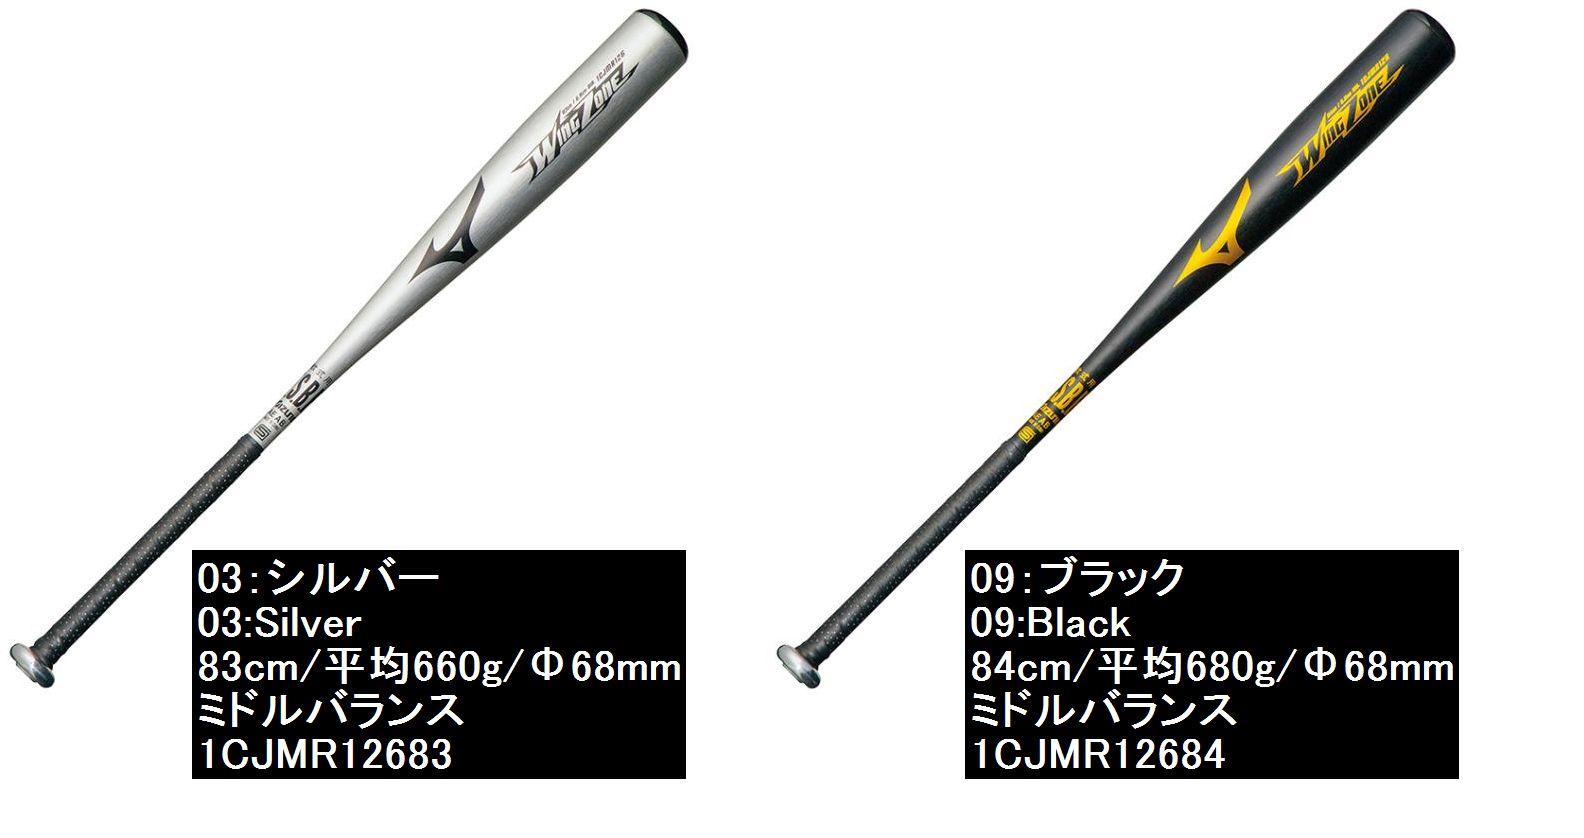 【Mizuno =ミズノ】野球 金属バット 軟式野球用バット バット軟式用金属製バット【ウィングゾーン】<83cm/平均660g/ミドルバランス/Φ68mm/シルバー><84cm/平均680g/ミドルバランス/Φ68mm/ブラック>